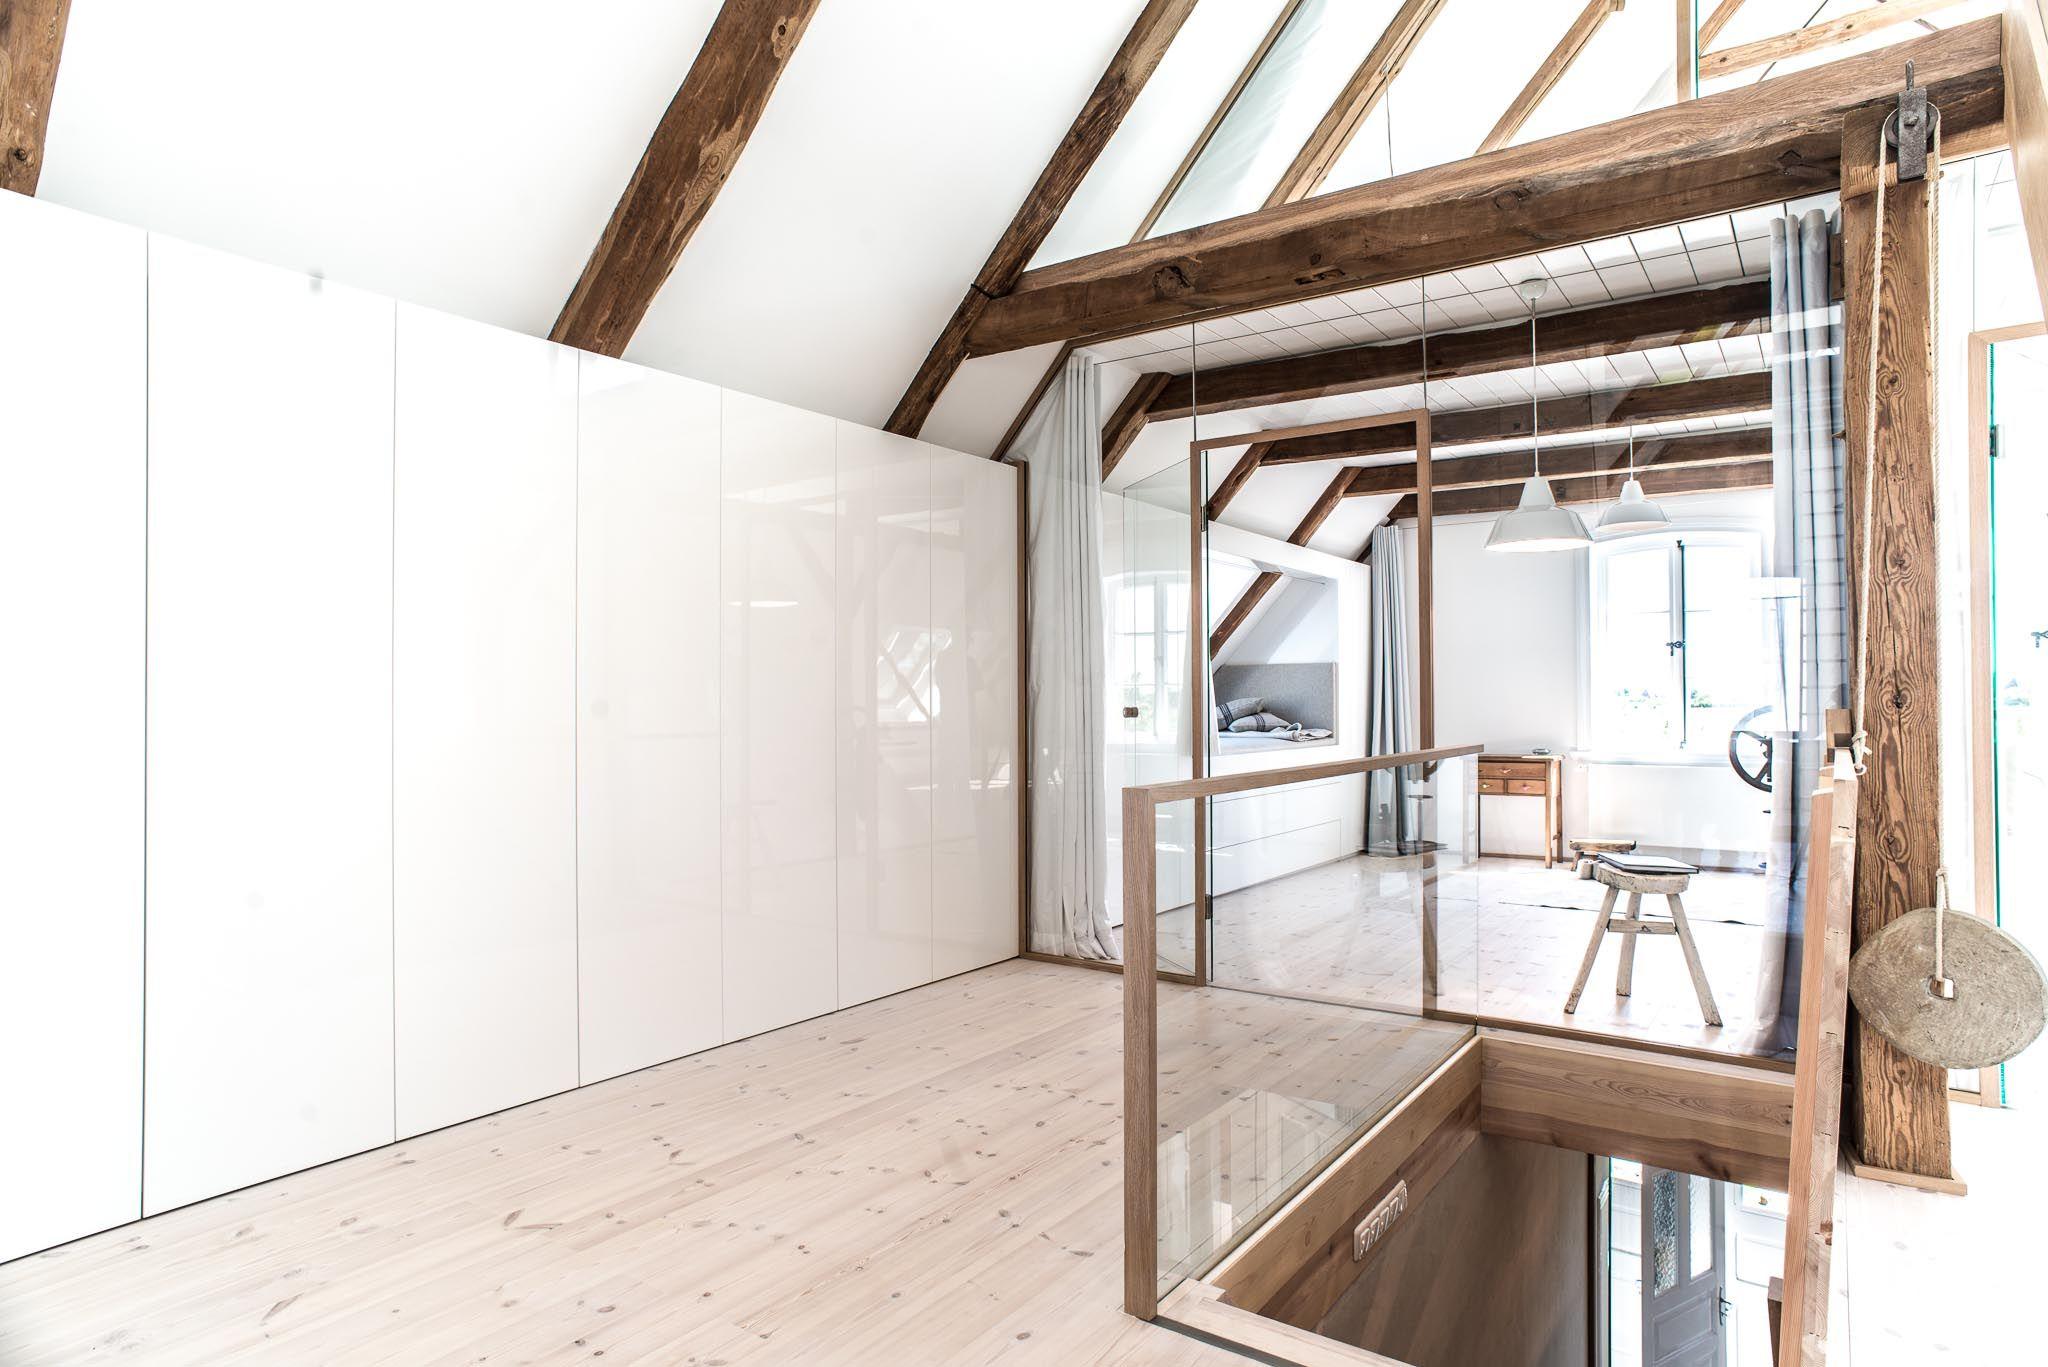 sprossenfenster modern. Black Bedroom Furniture Sets. Home Design Ideas